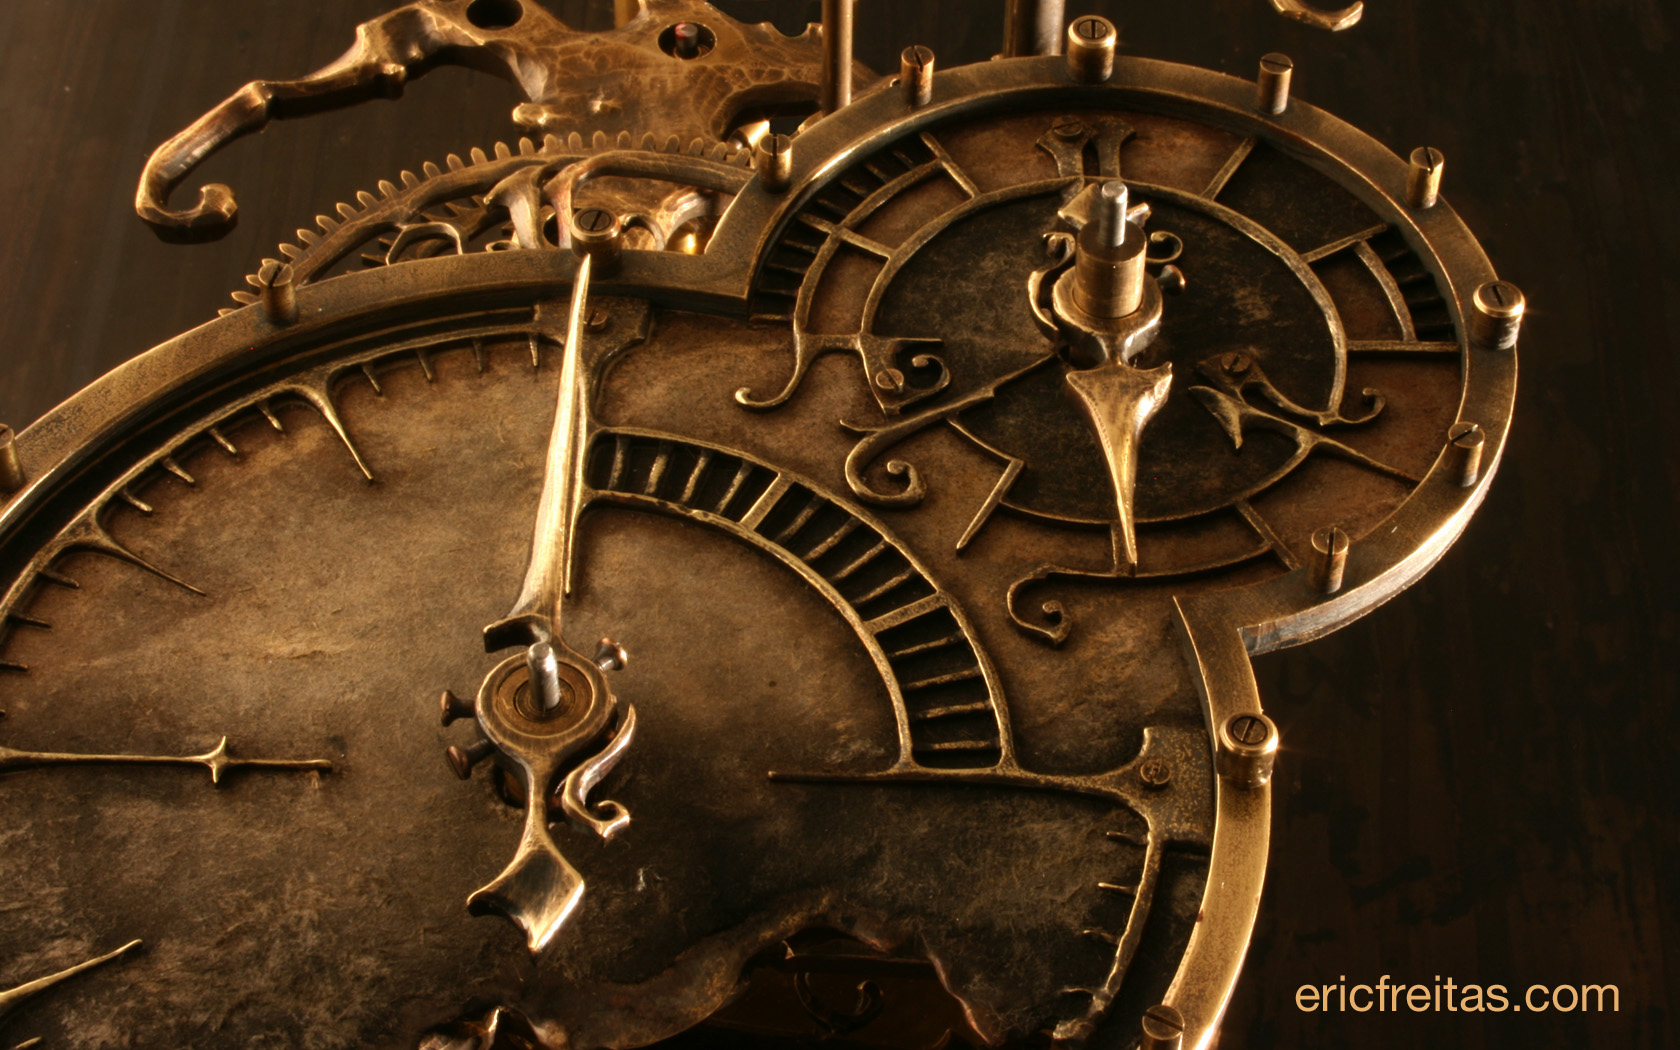 Steampunk Res: 1680x1050 / Size:512kb. Views: 461983